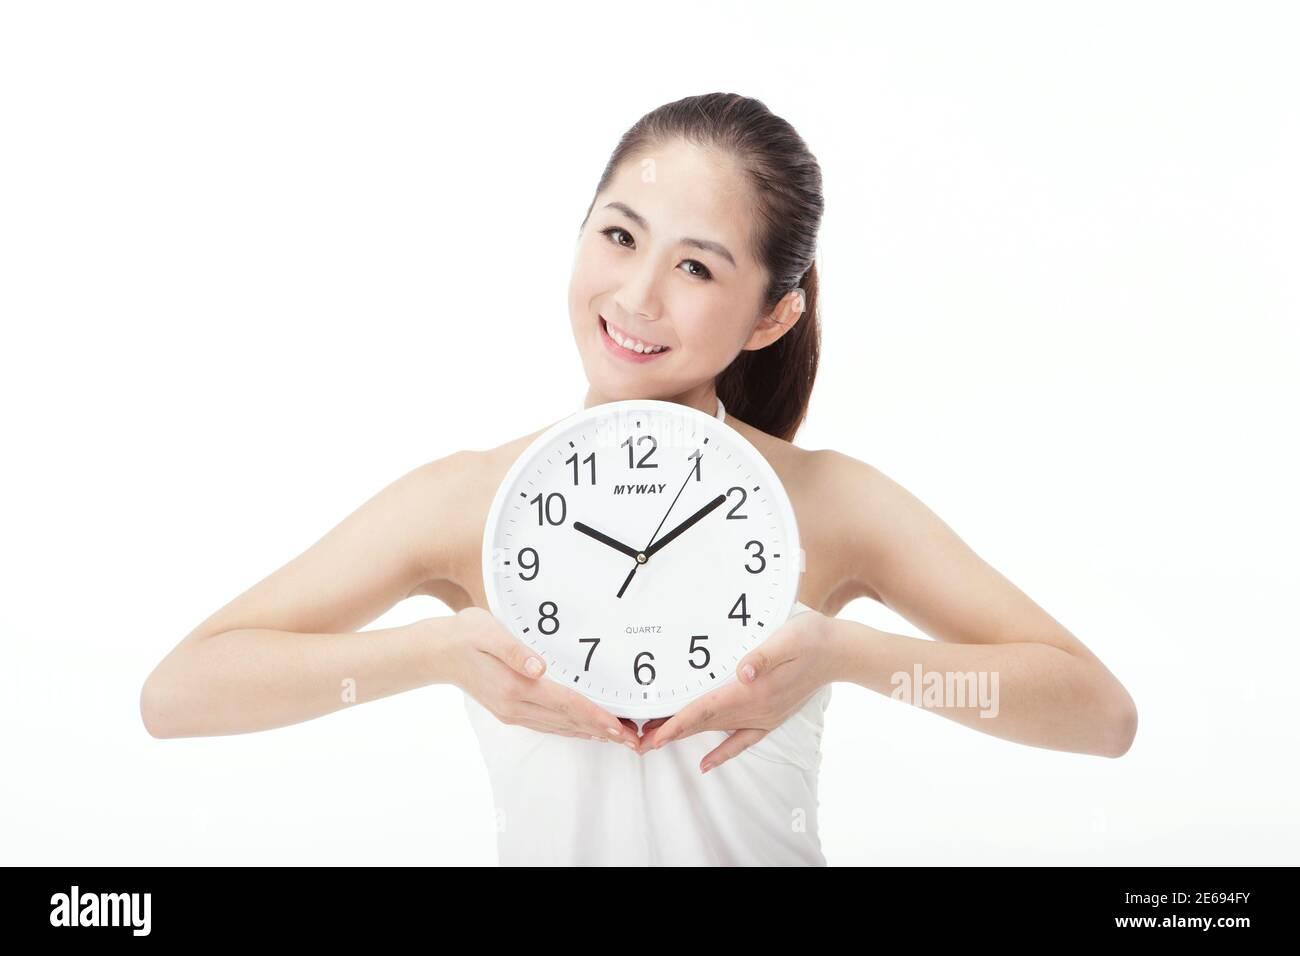 Jeune femme de mode tenant des horloges photo de haute qualité Banque D'Images